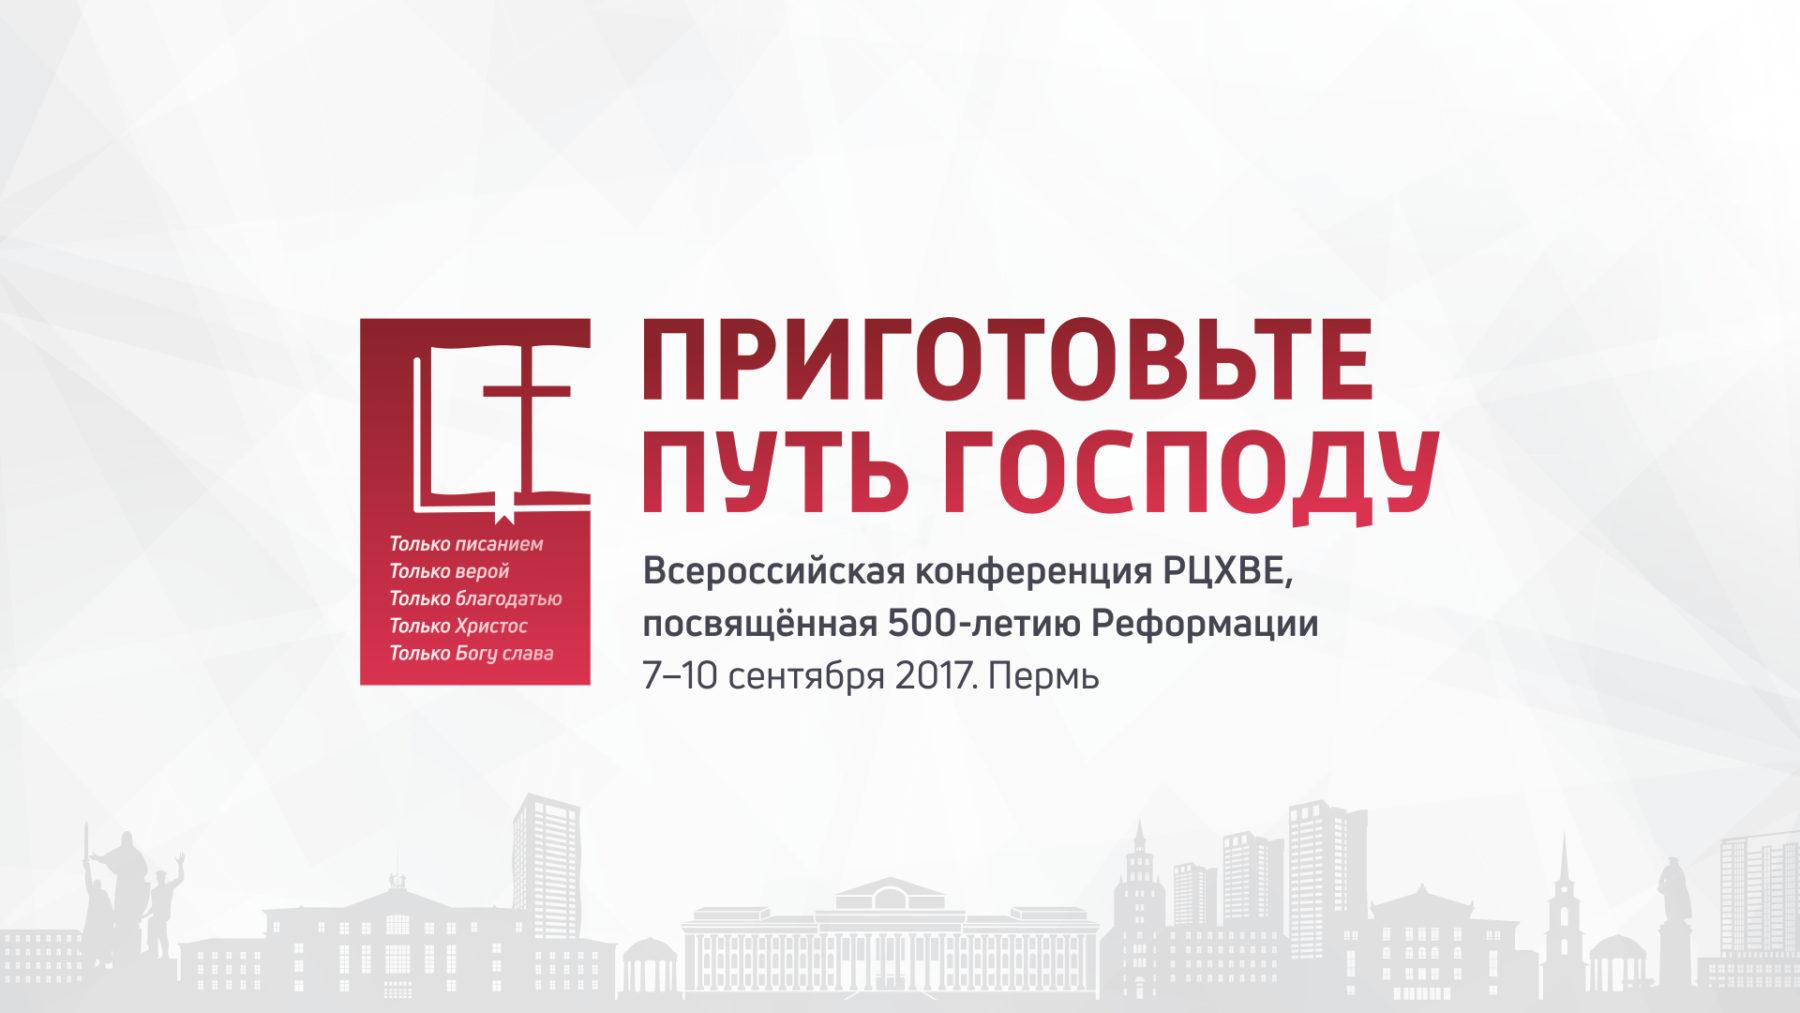 Всероссийская конференция РЦХВЕ в Перми